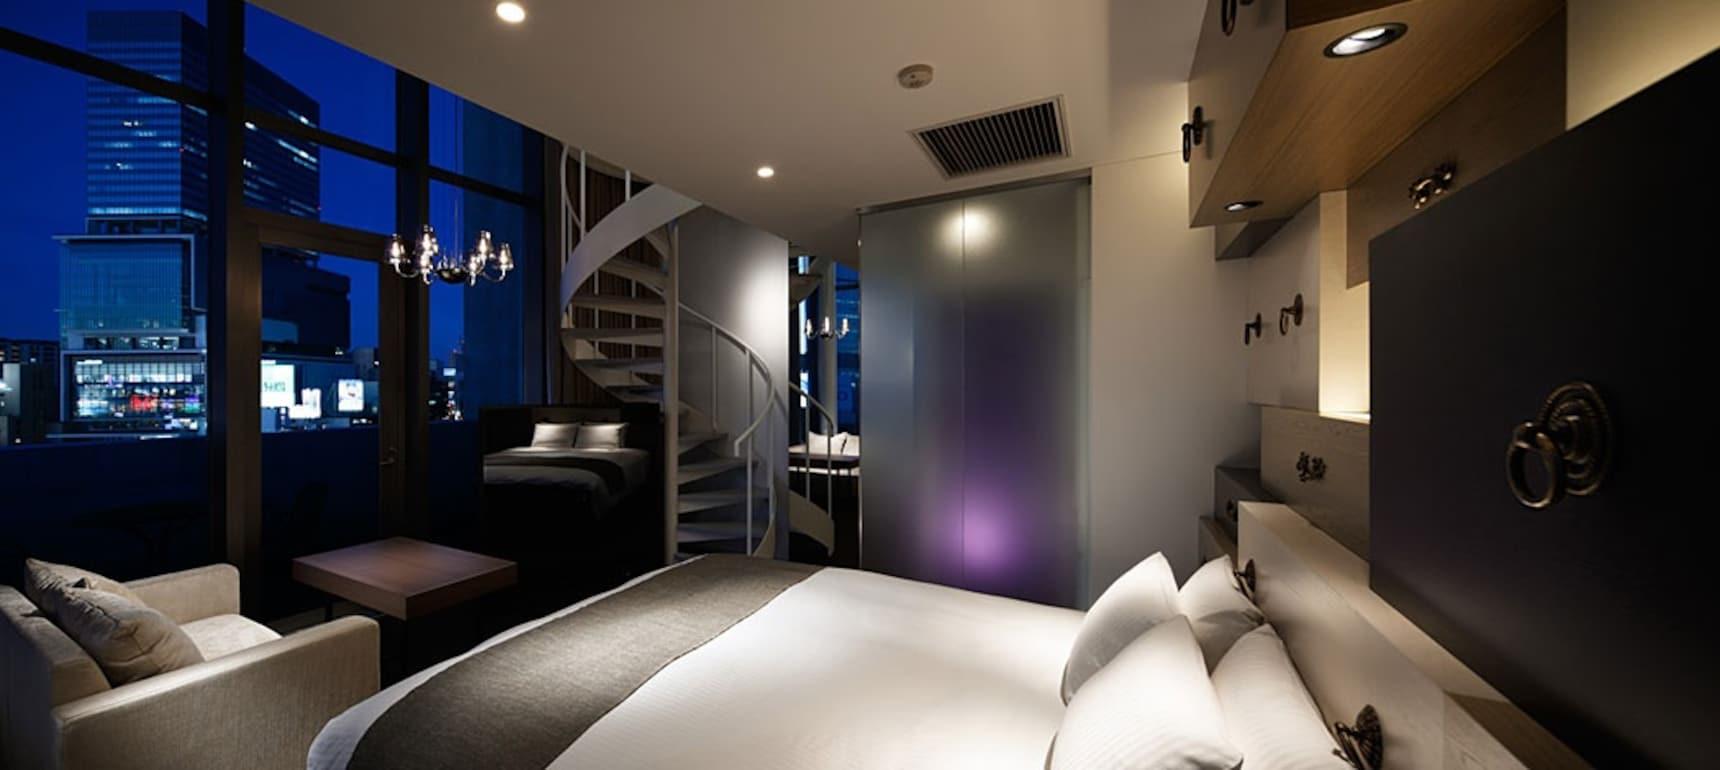 【東京住宿】提升你的旅遊質感!8間結合藝術設計的東京旅店